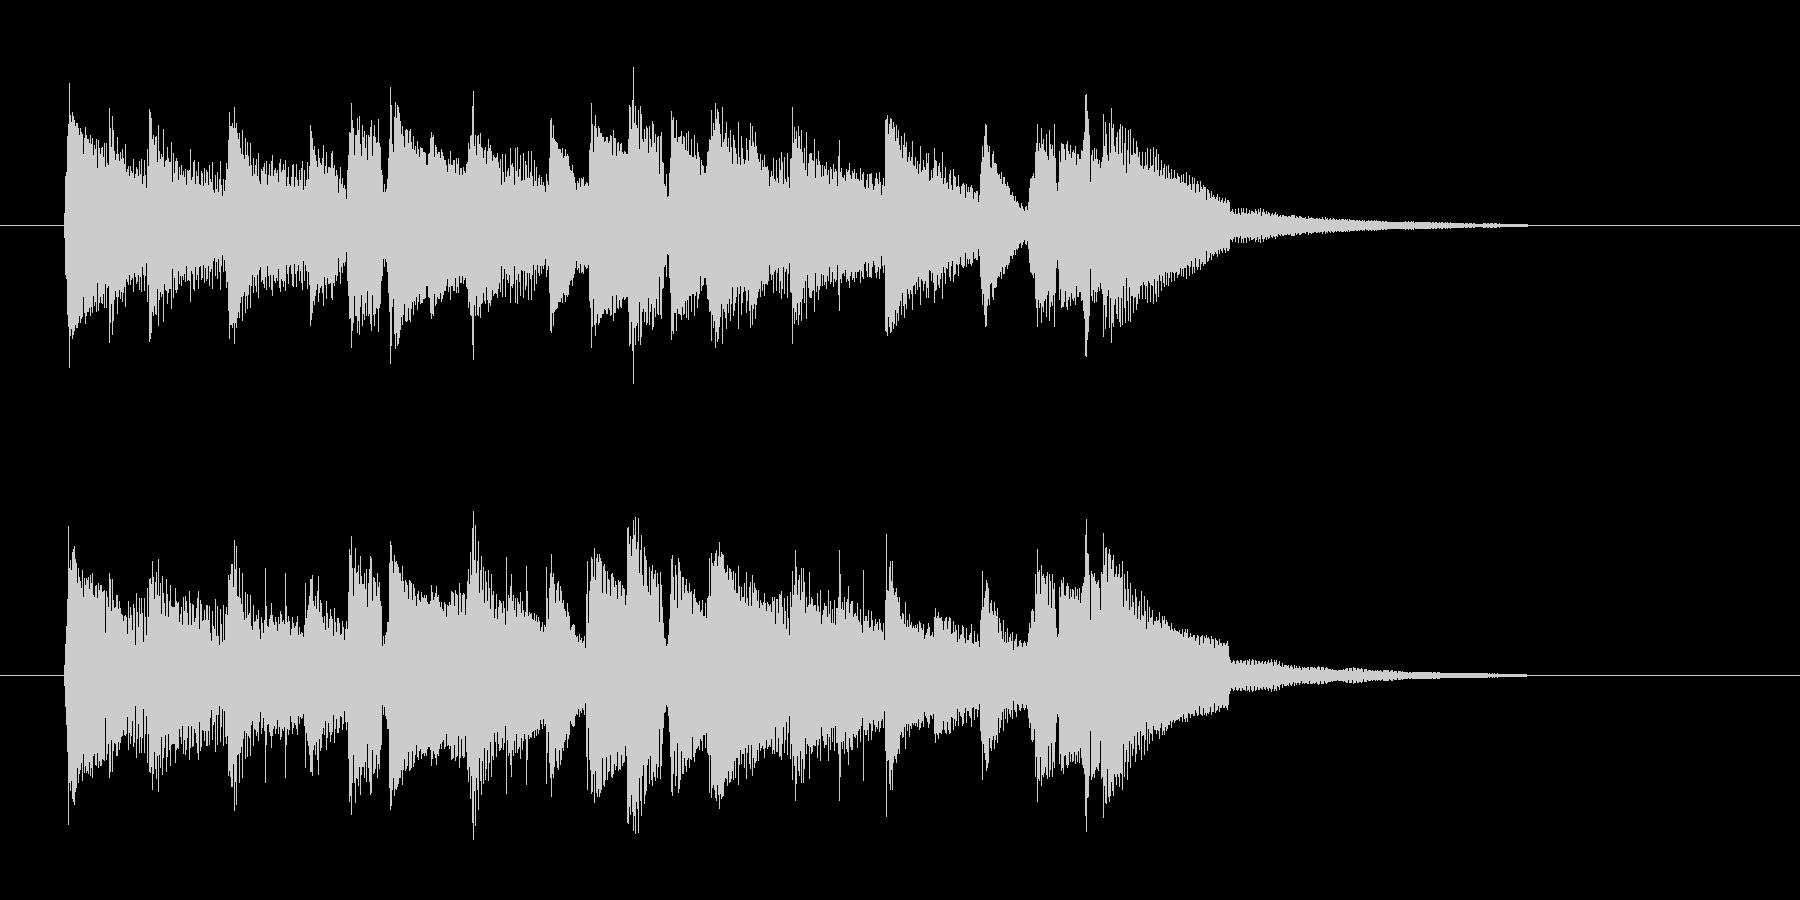 流れるようなミディアムテンポの曲の未再生の波形